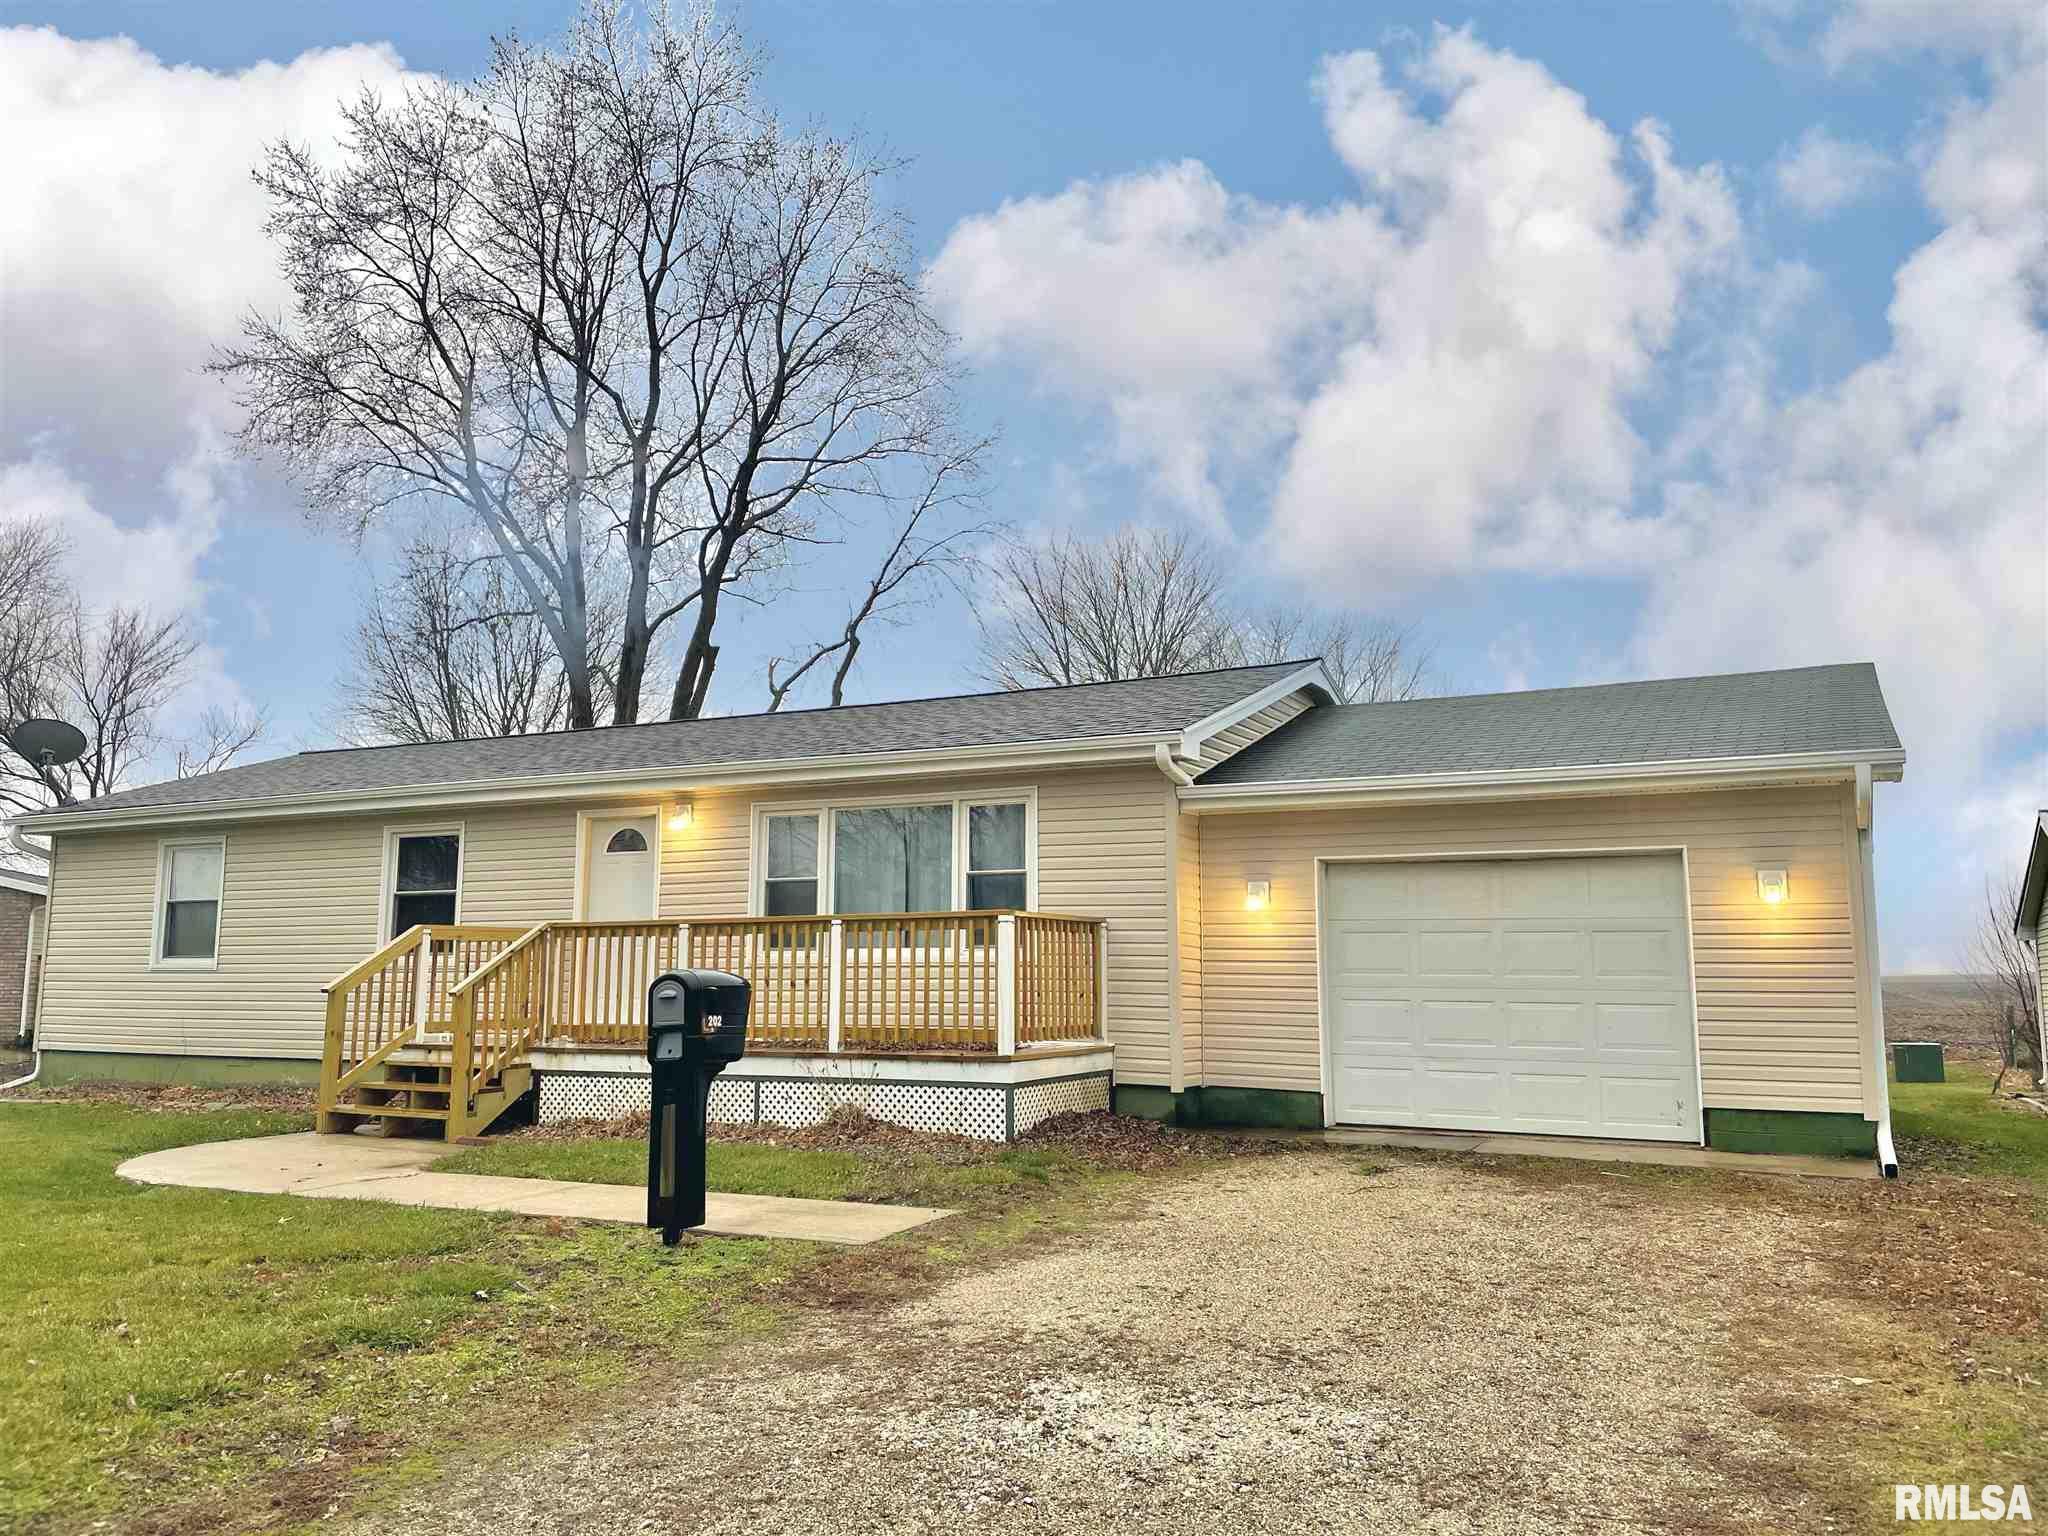 202 N CEDAR Property Photo - Abingdon, IL real estate listing